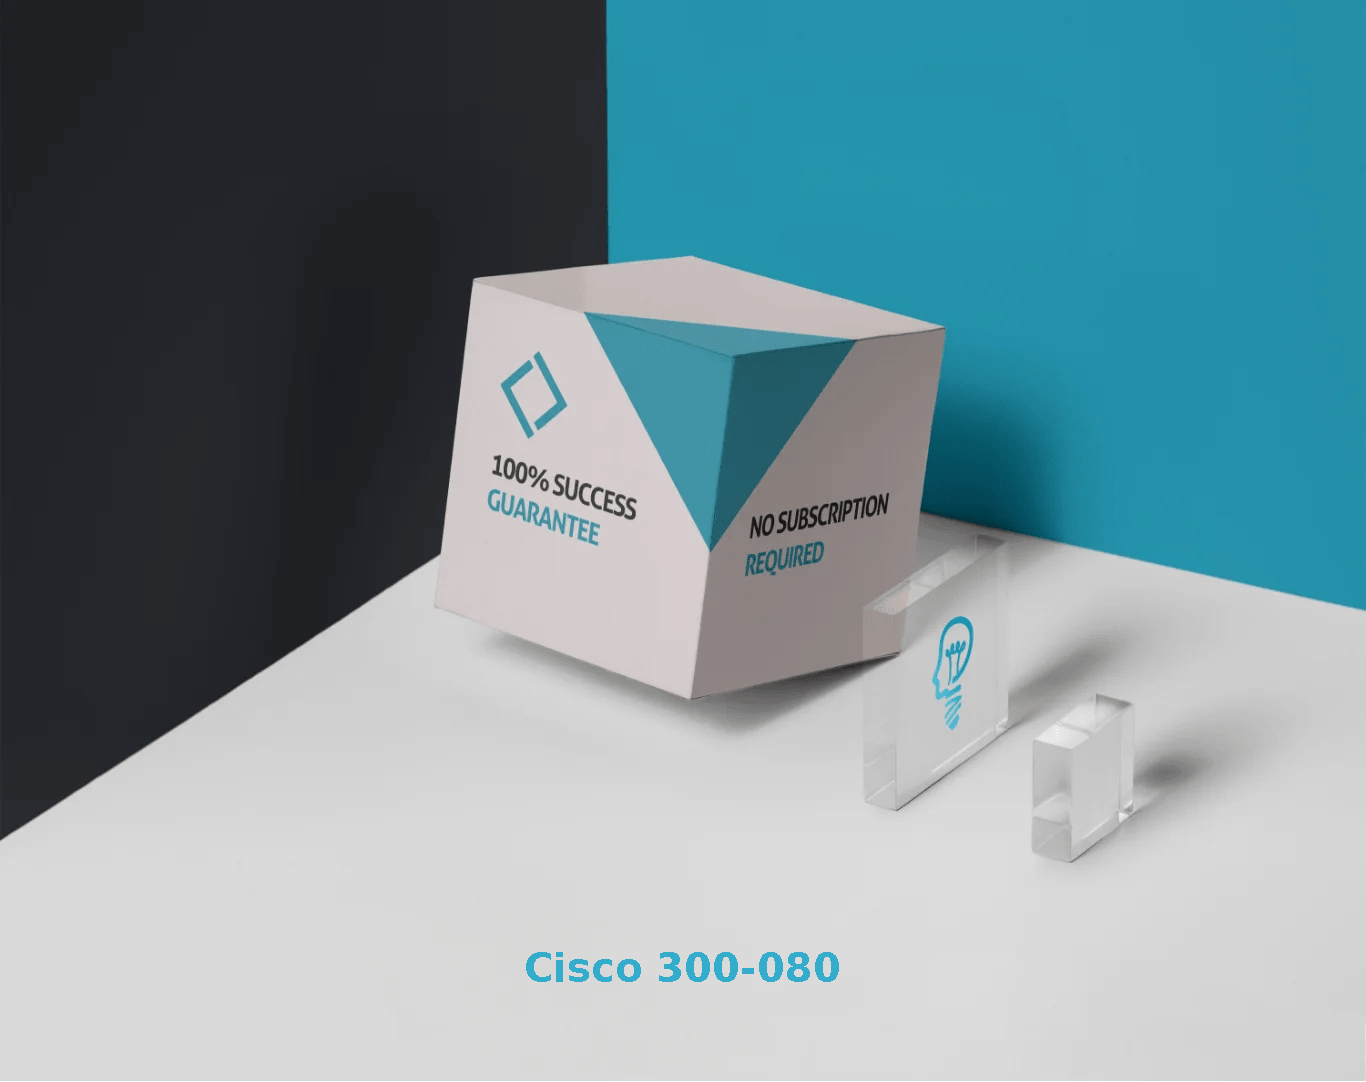 Cisco 300-080 Exams